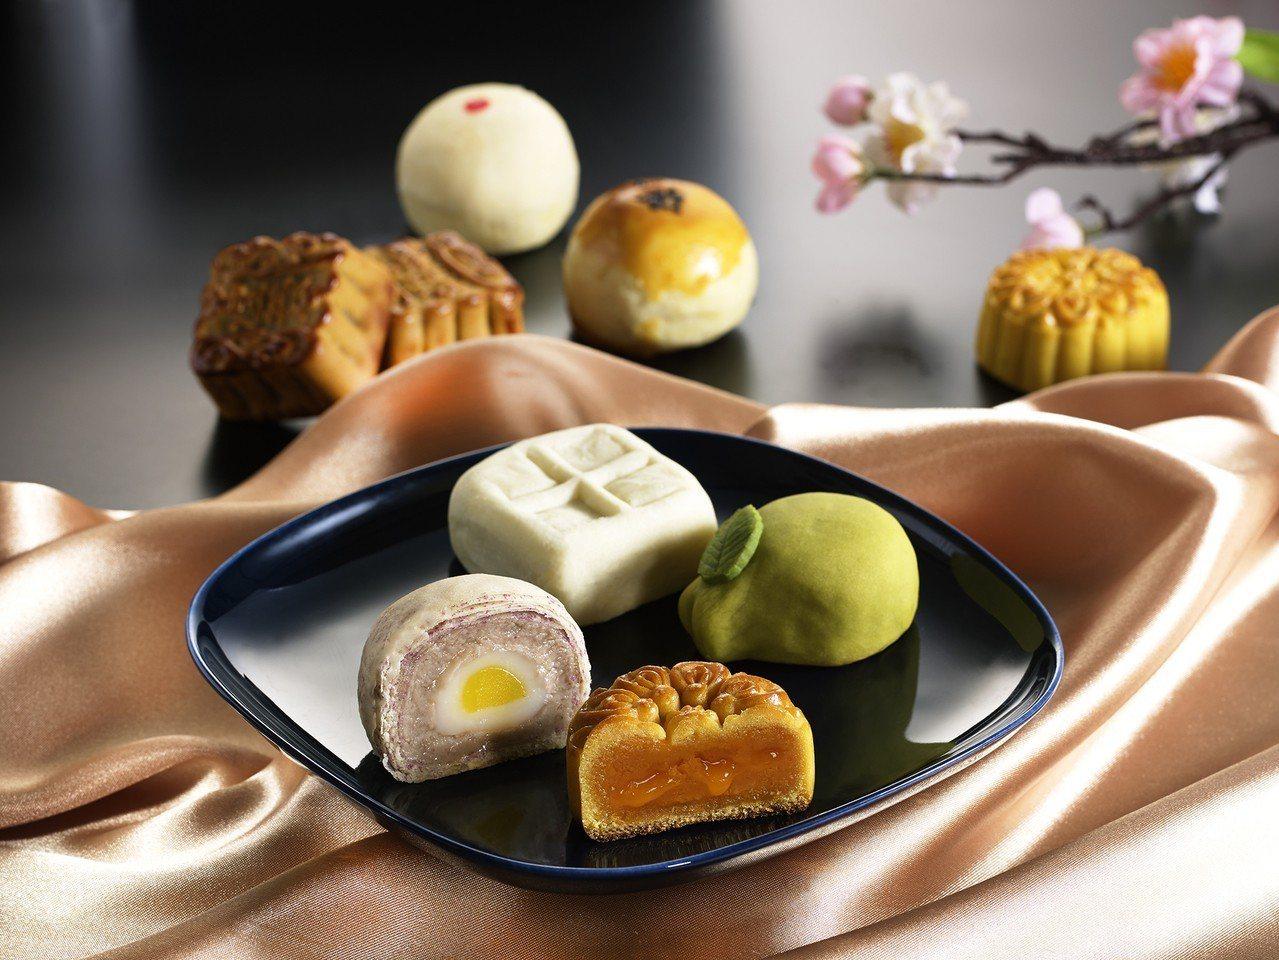 造型吸睛的特色月餅柚香蜂蜜、杏仁豆沙、流心奶黃,獲得不少企業訂購。 圖/一之軒提...